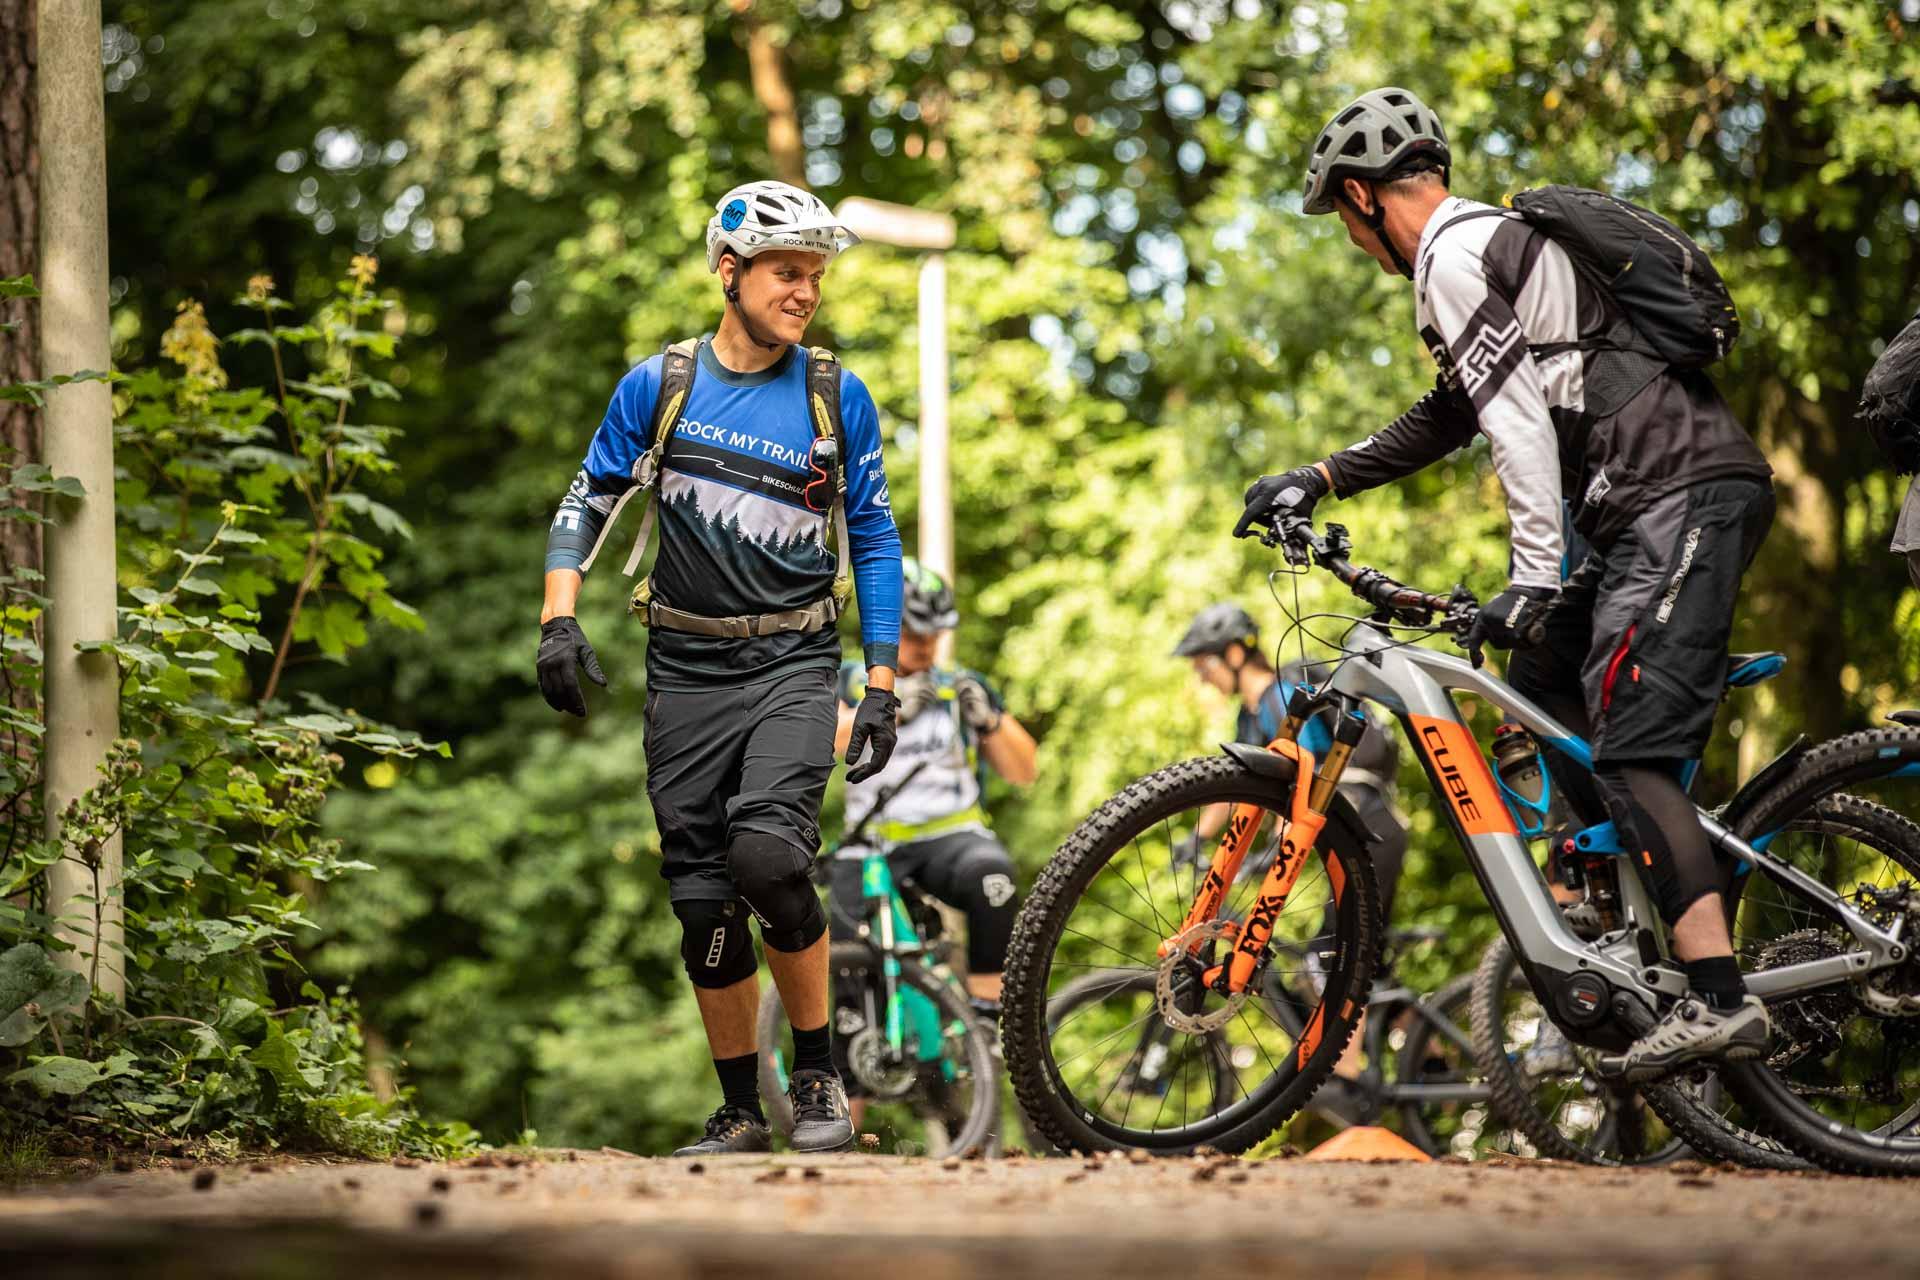 eMTB Fahrtechnik Einsteiger Siegburg Bonn eBike Kurs für eBike Einsteiger_Rock my Trail Bikeschule - 322